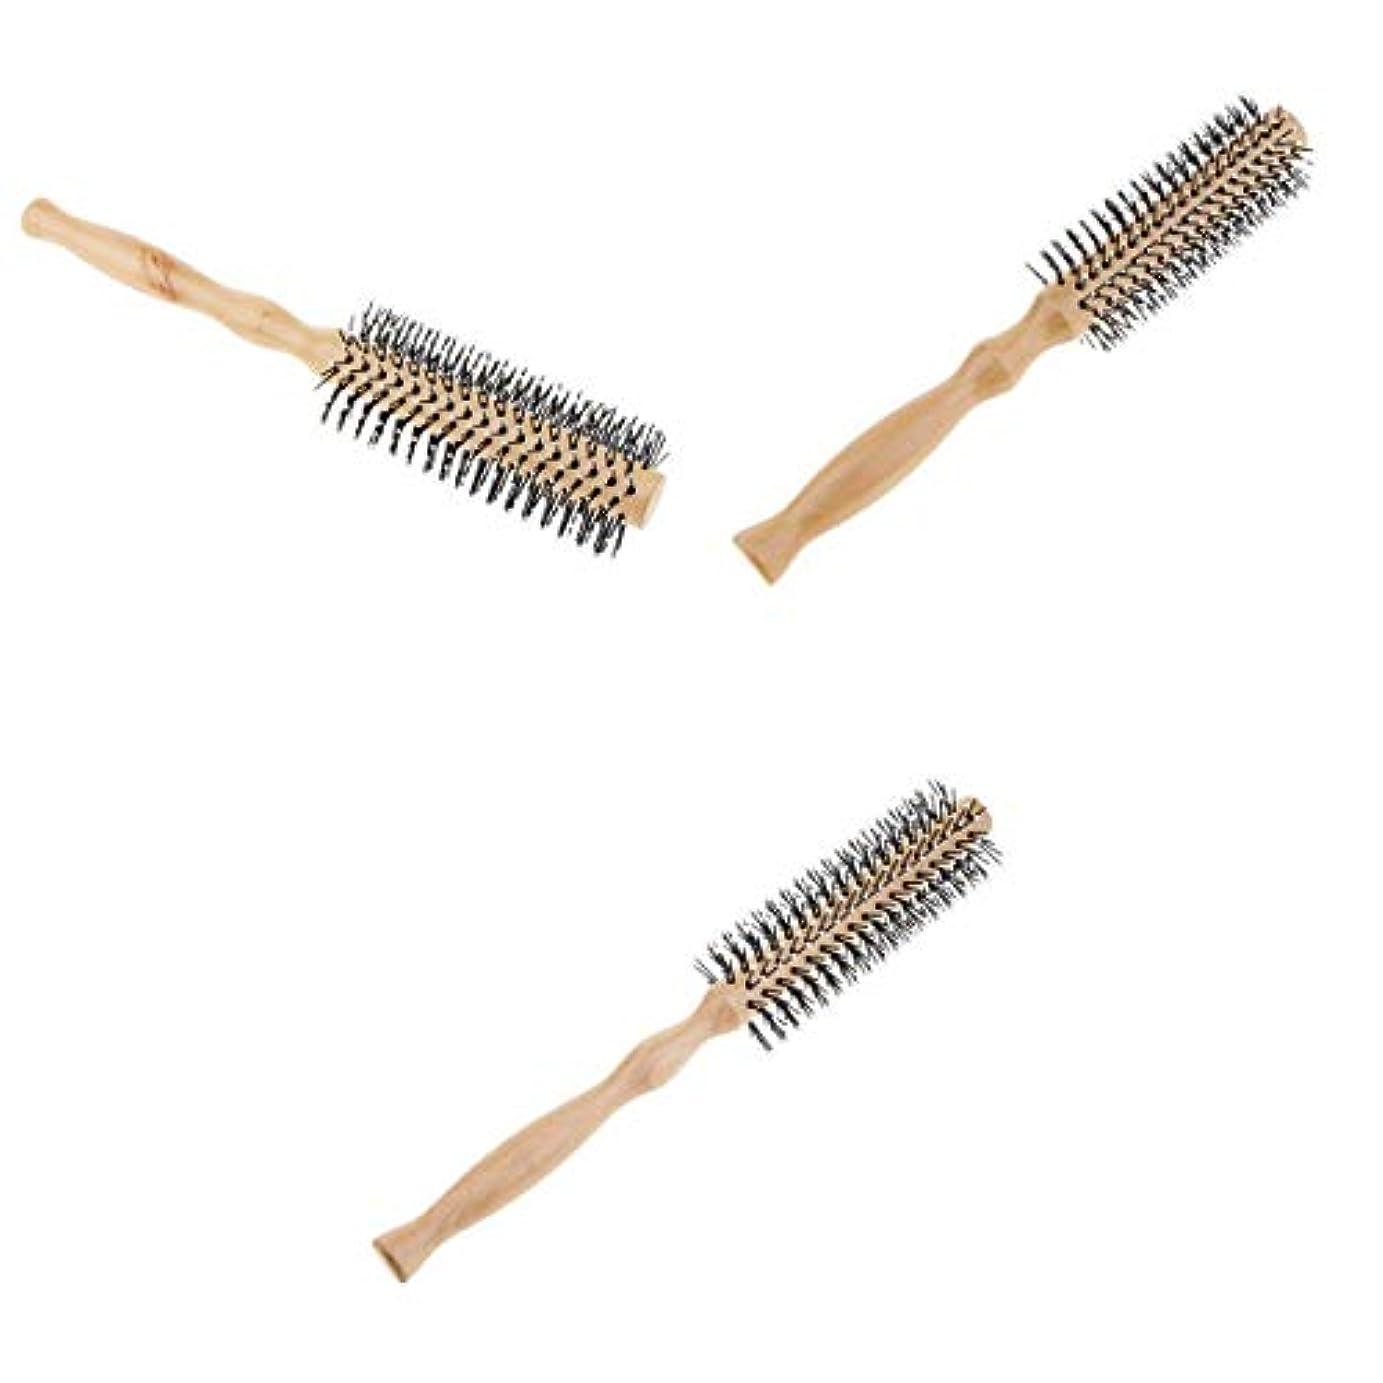 絶滅したシングル質素なロールブラシ ヘアブラシ 木製櫛 スタイリングブラシ 巻き髪 静電気防止 3本セット